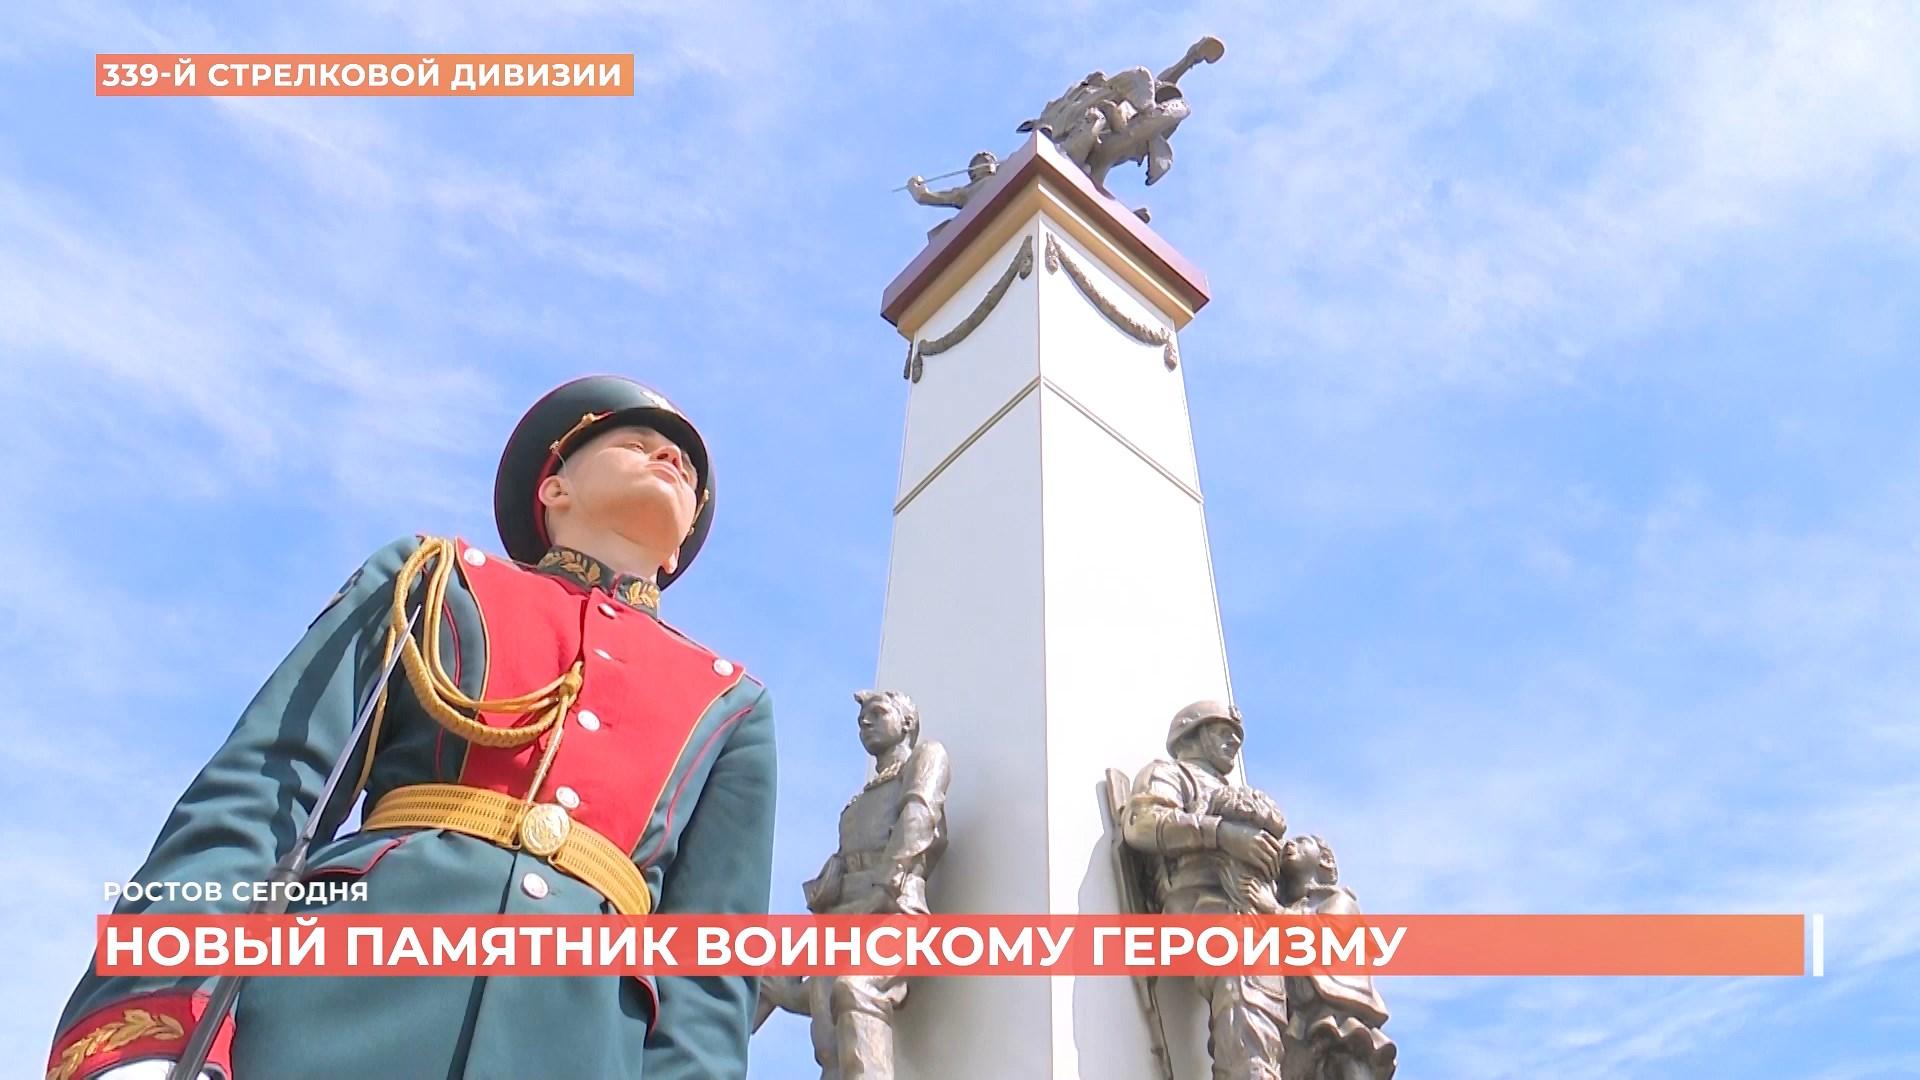 Ростов сегодня: вечерний выпуск. 6 мая 2021